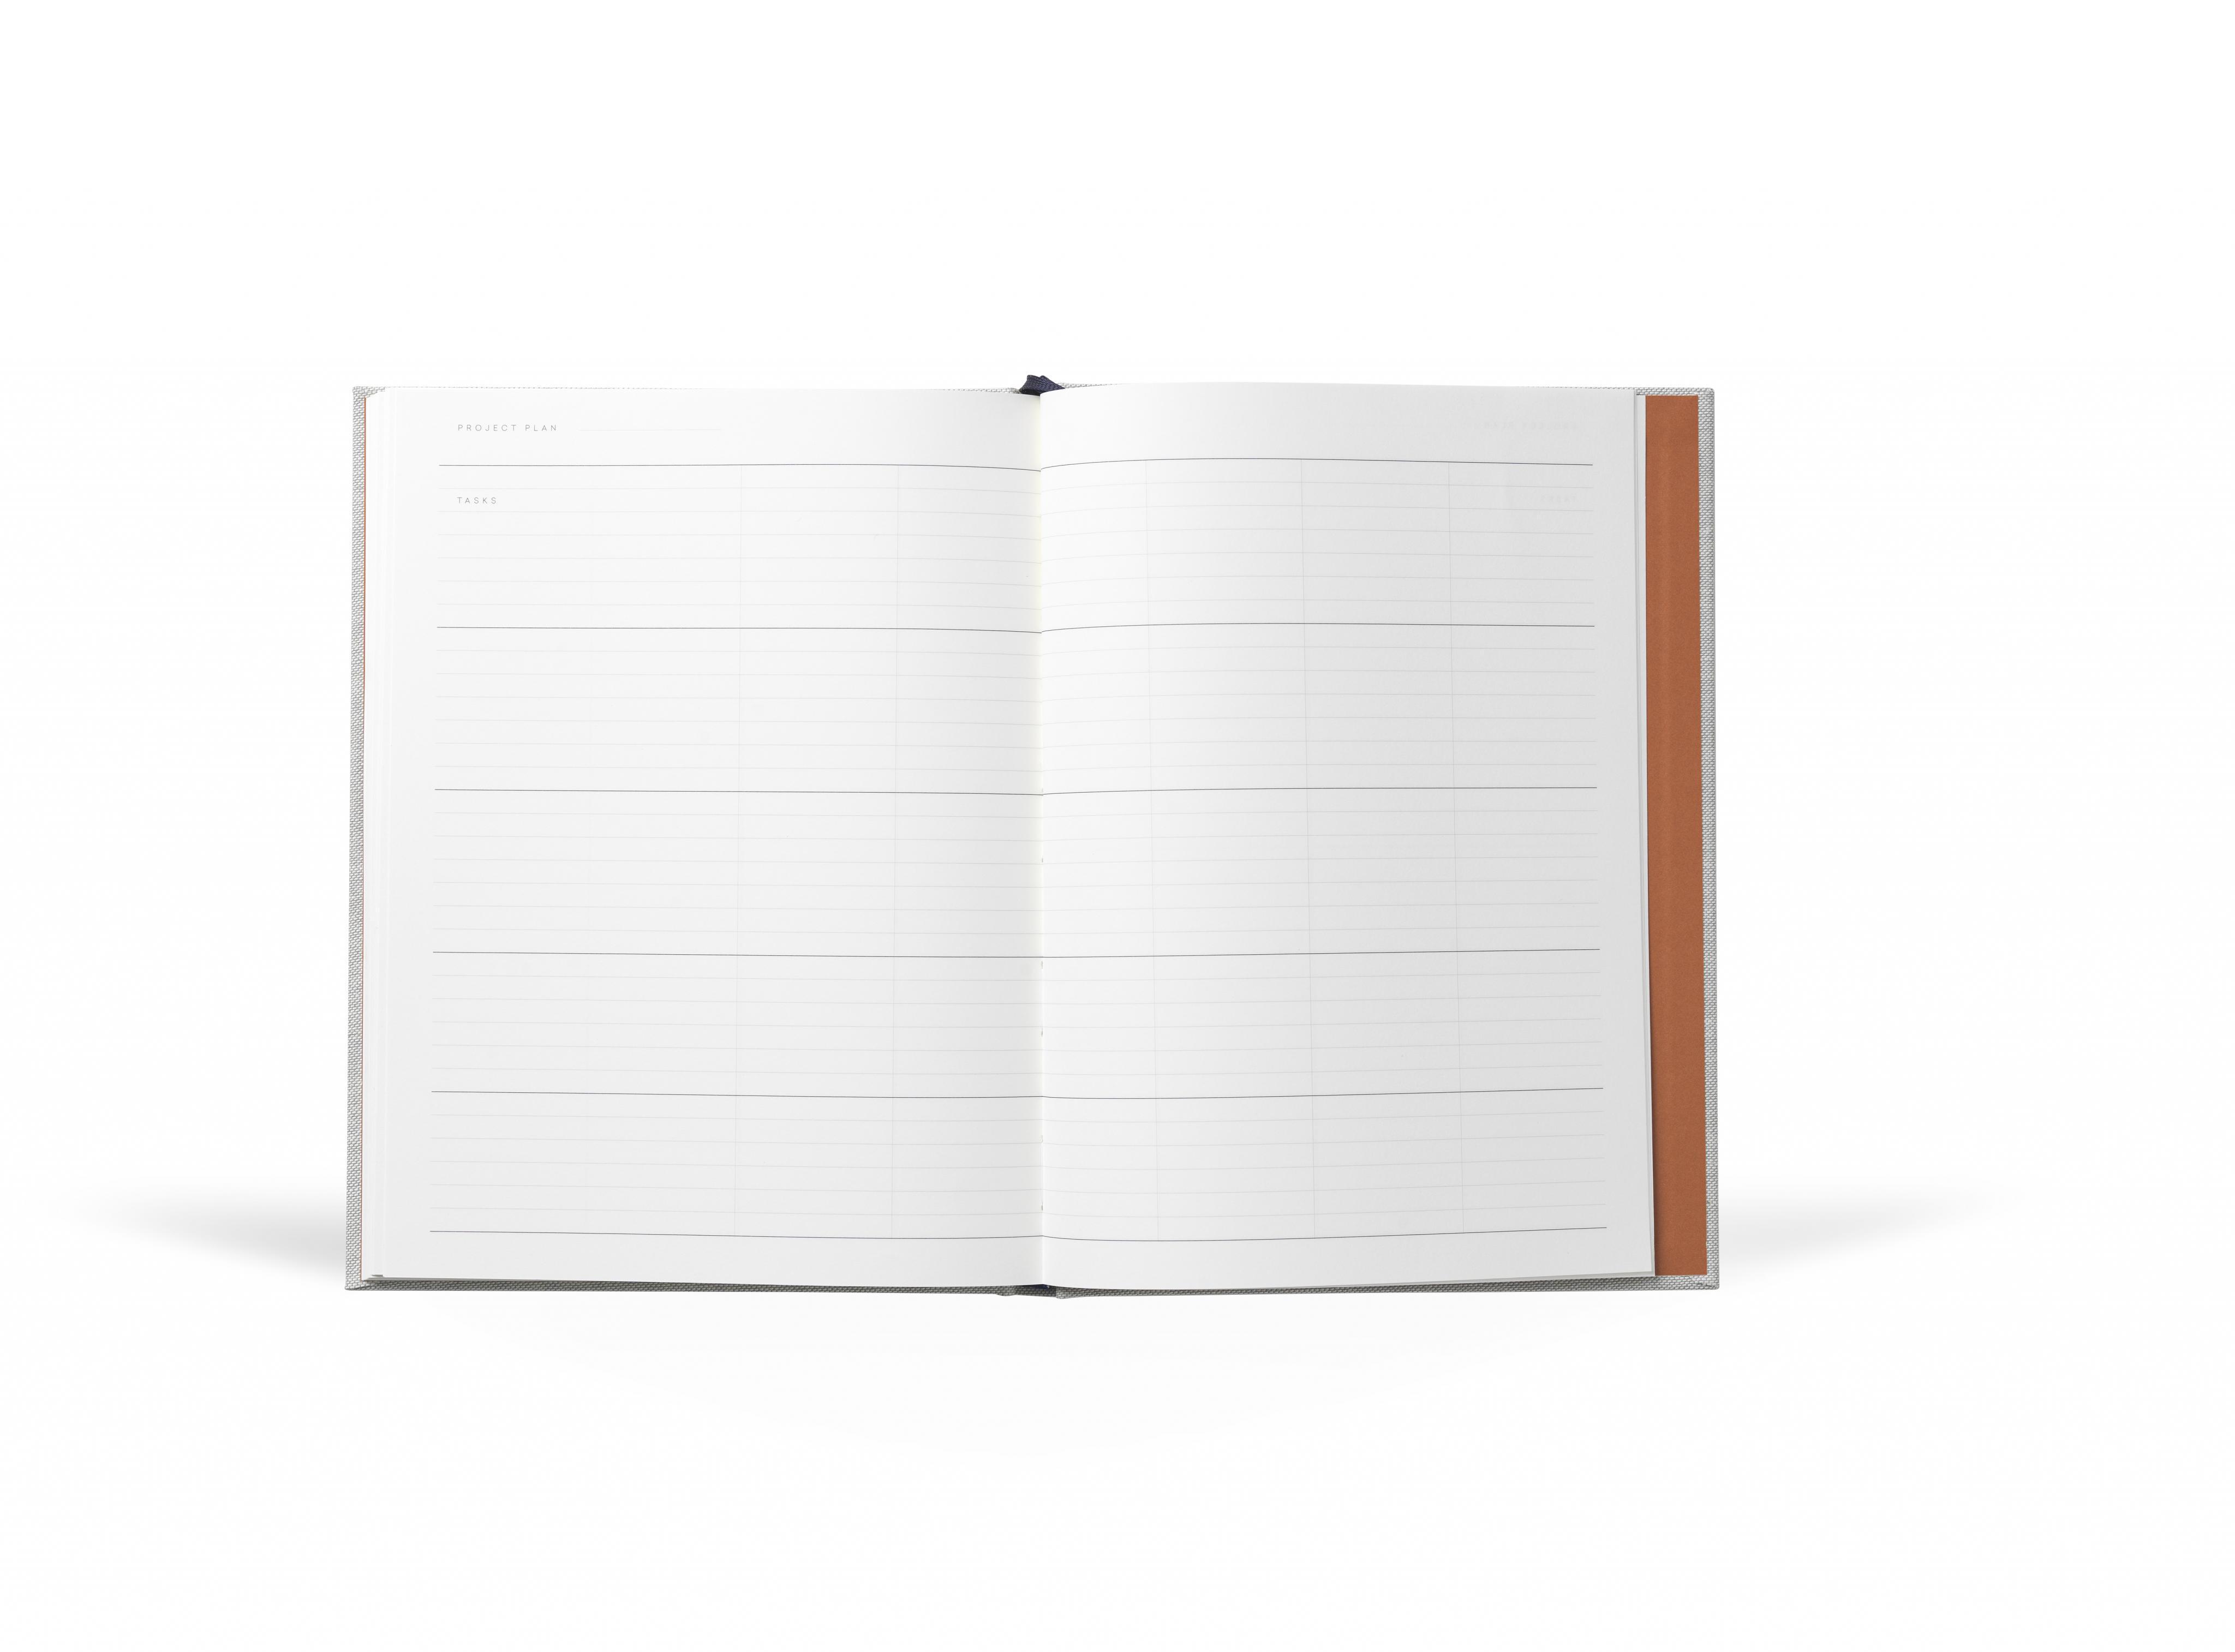 volta_notem_even_working-journal_inside_06